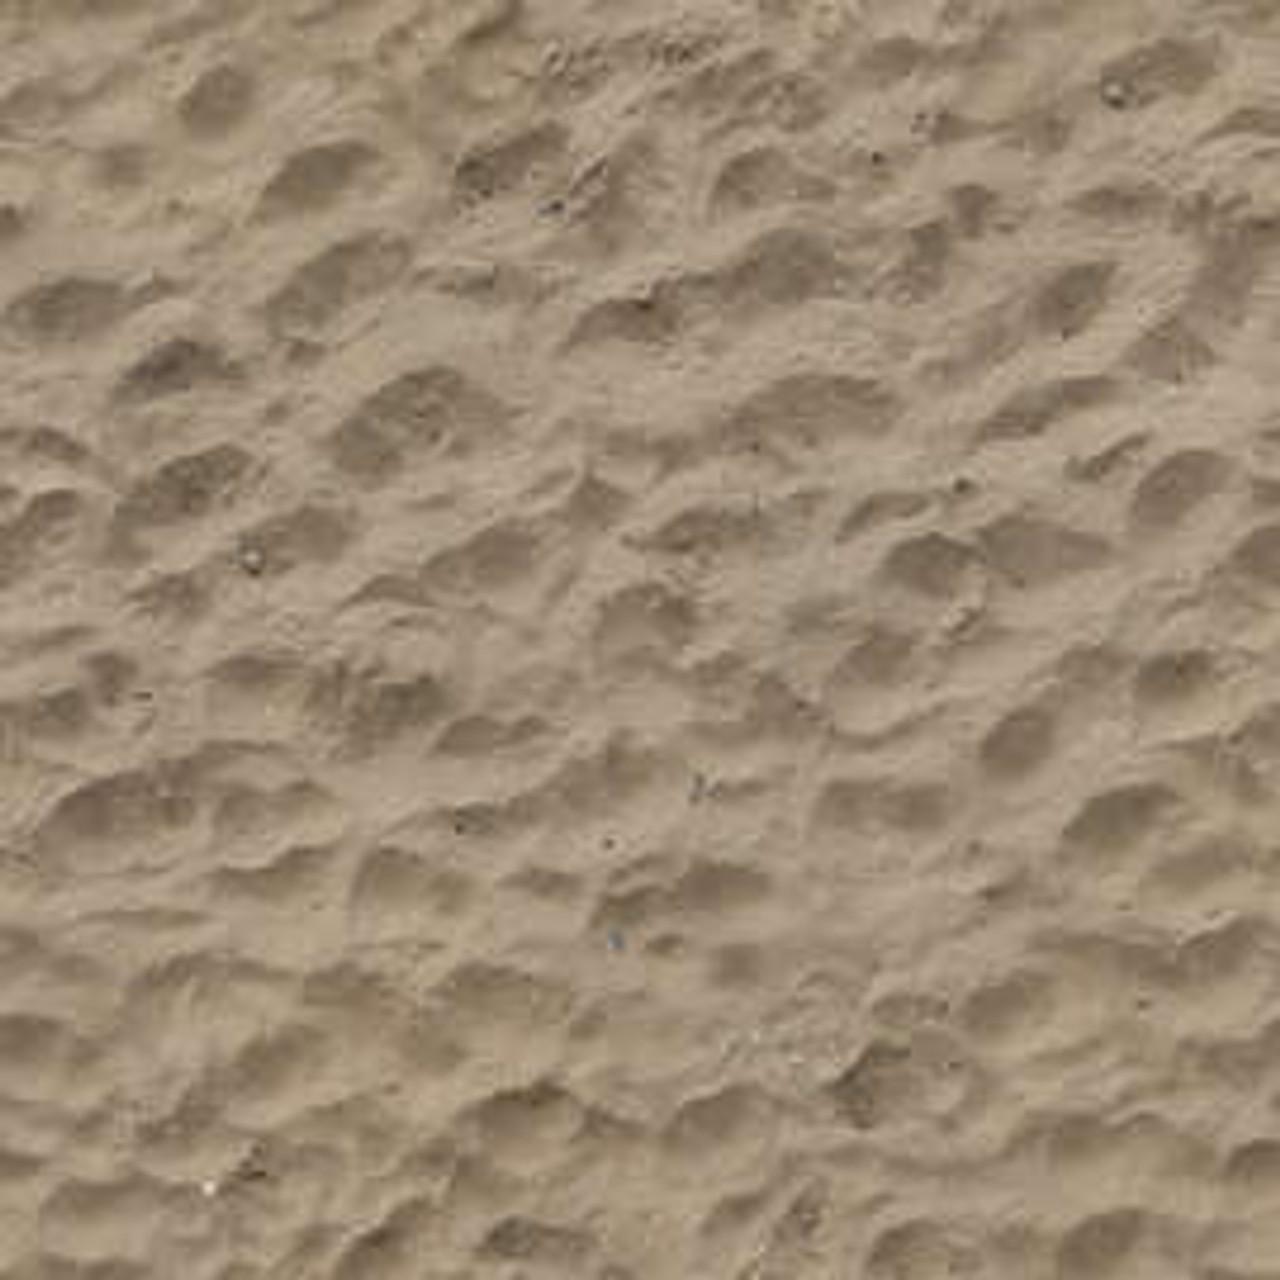 Beach Sand 10 Pounds